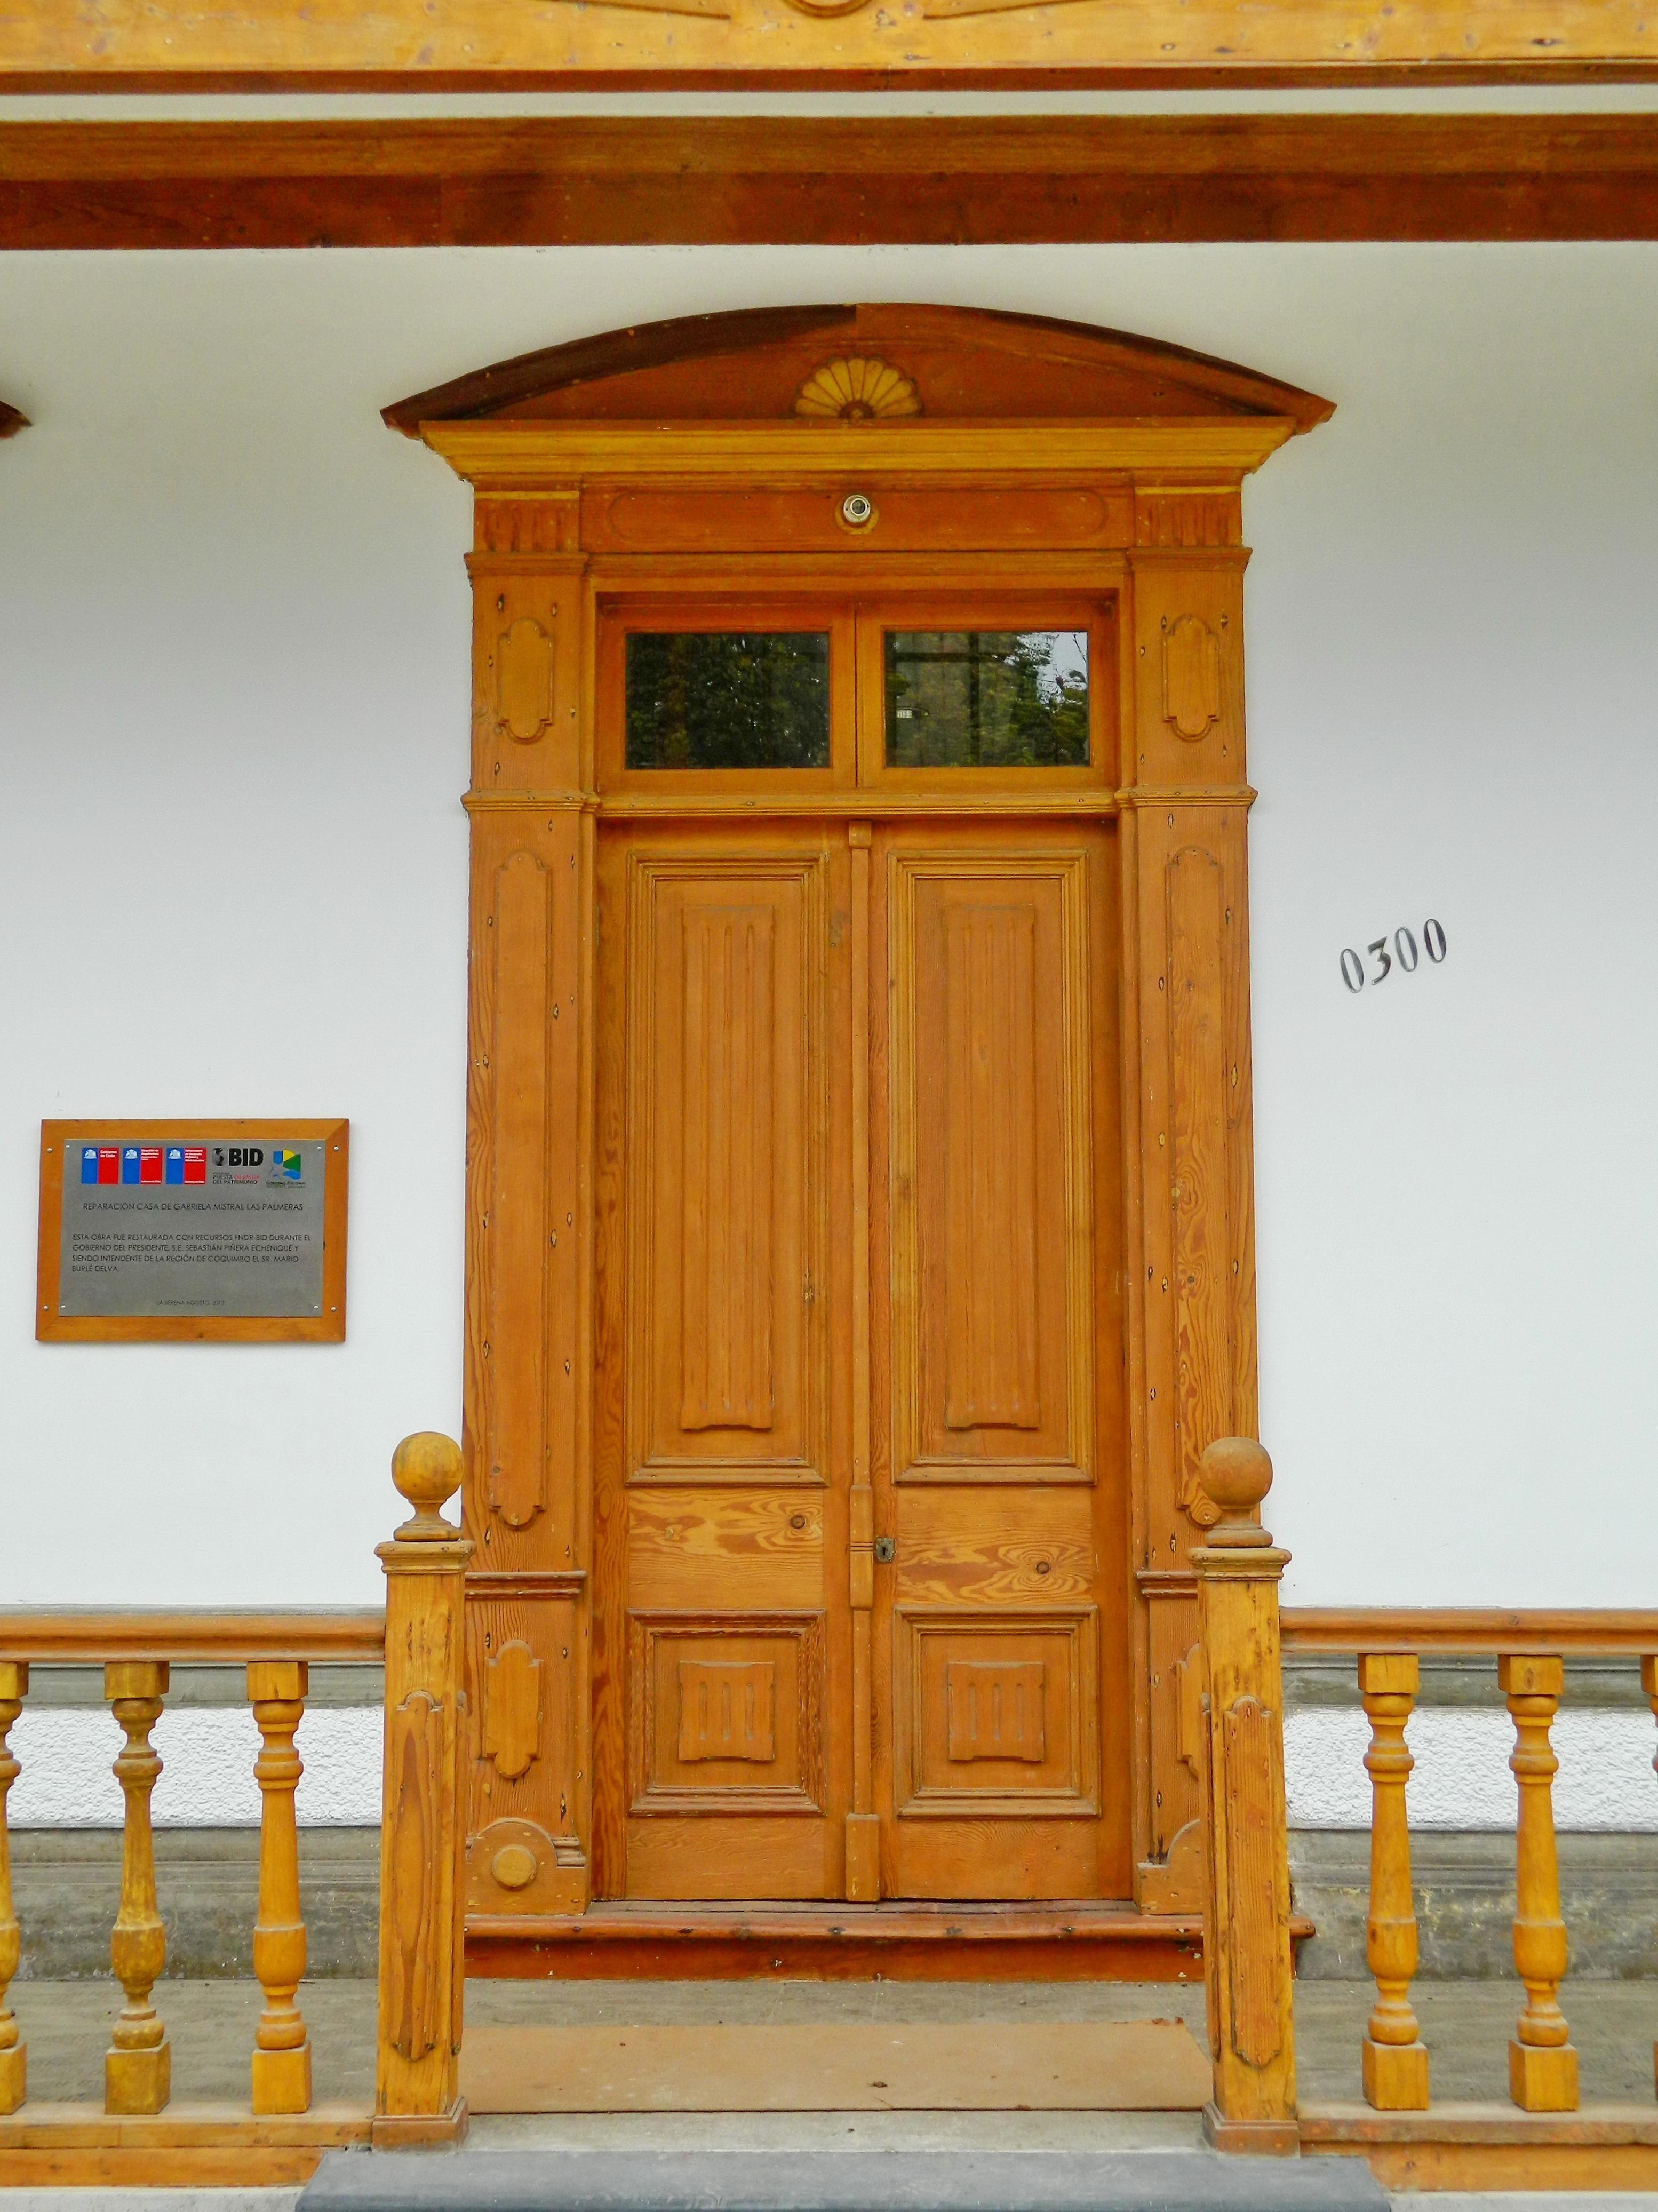 Catalogo de herreria puertas y ventanas pdf ideas para for Puertas economicas para casa